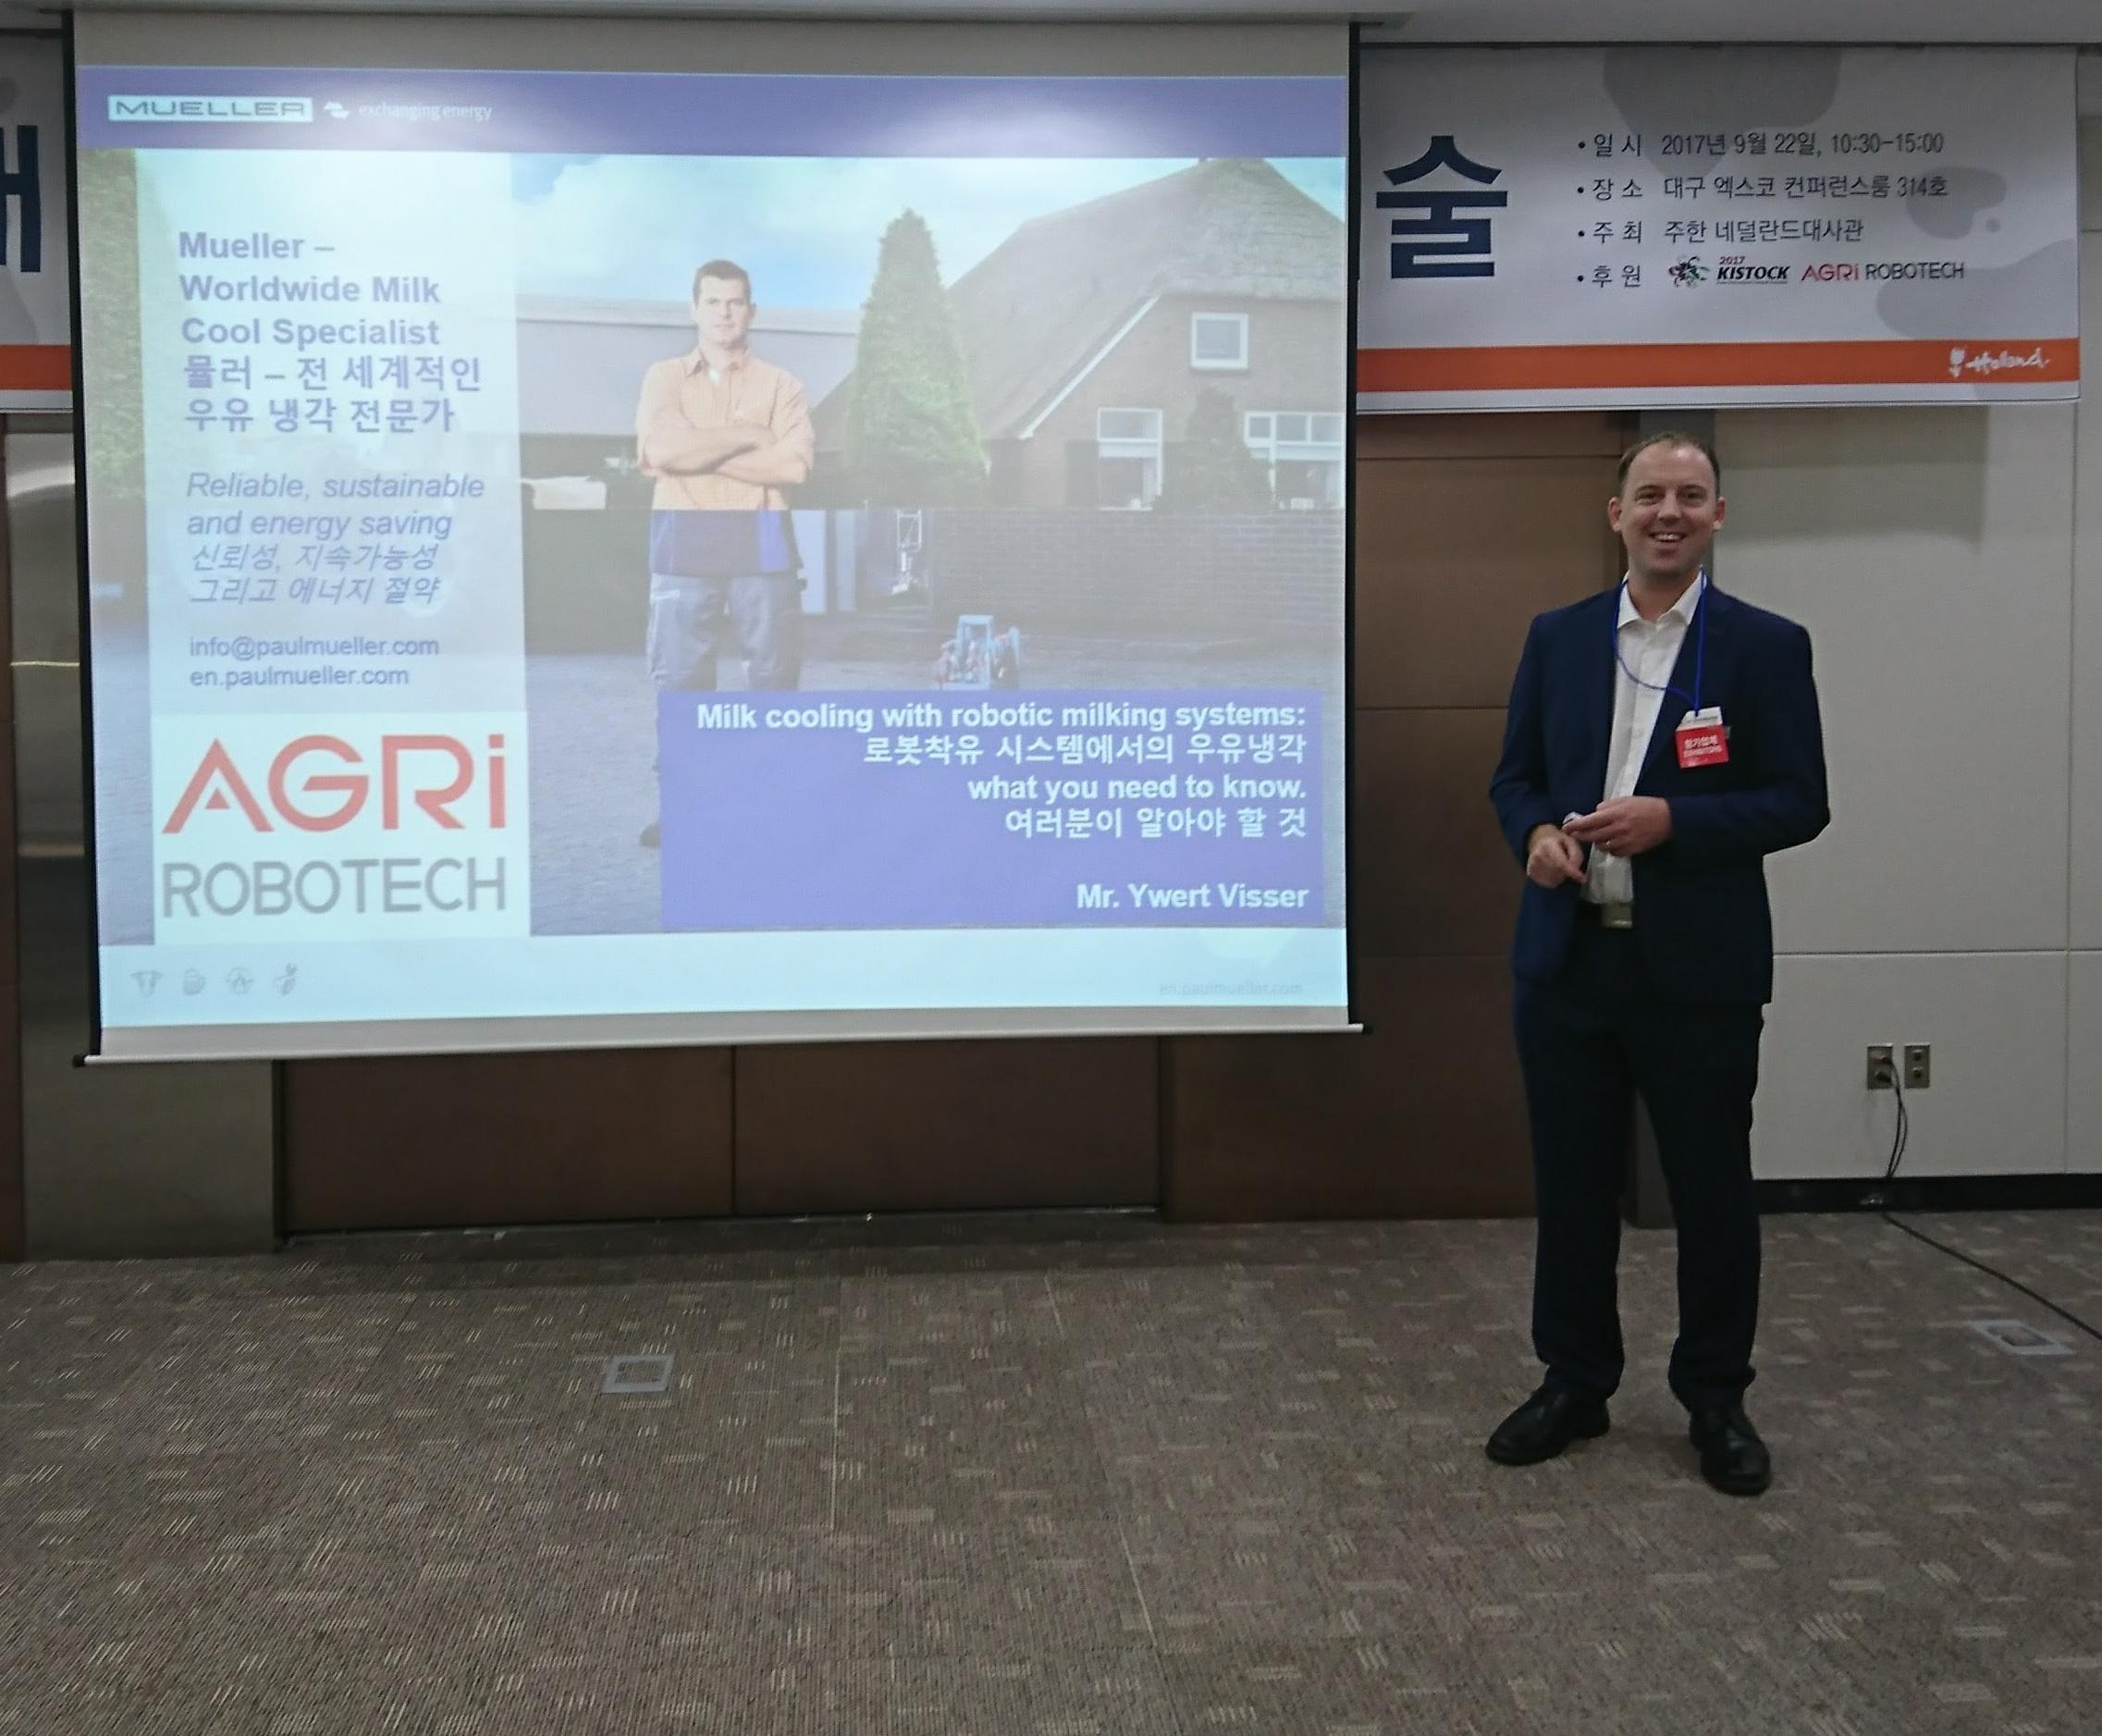 Präsentation von Ywert Visser in Asien